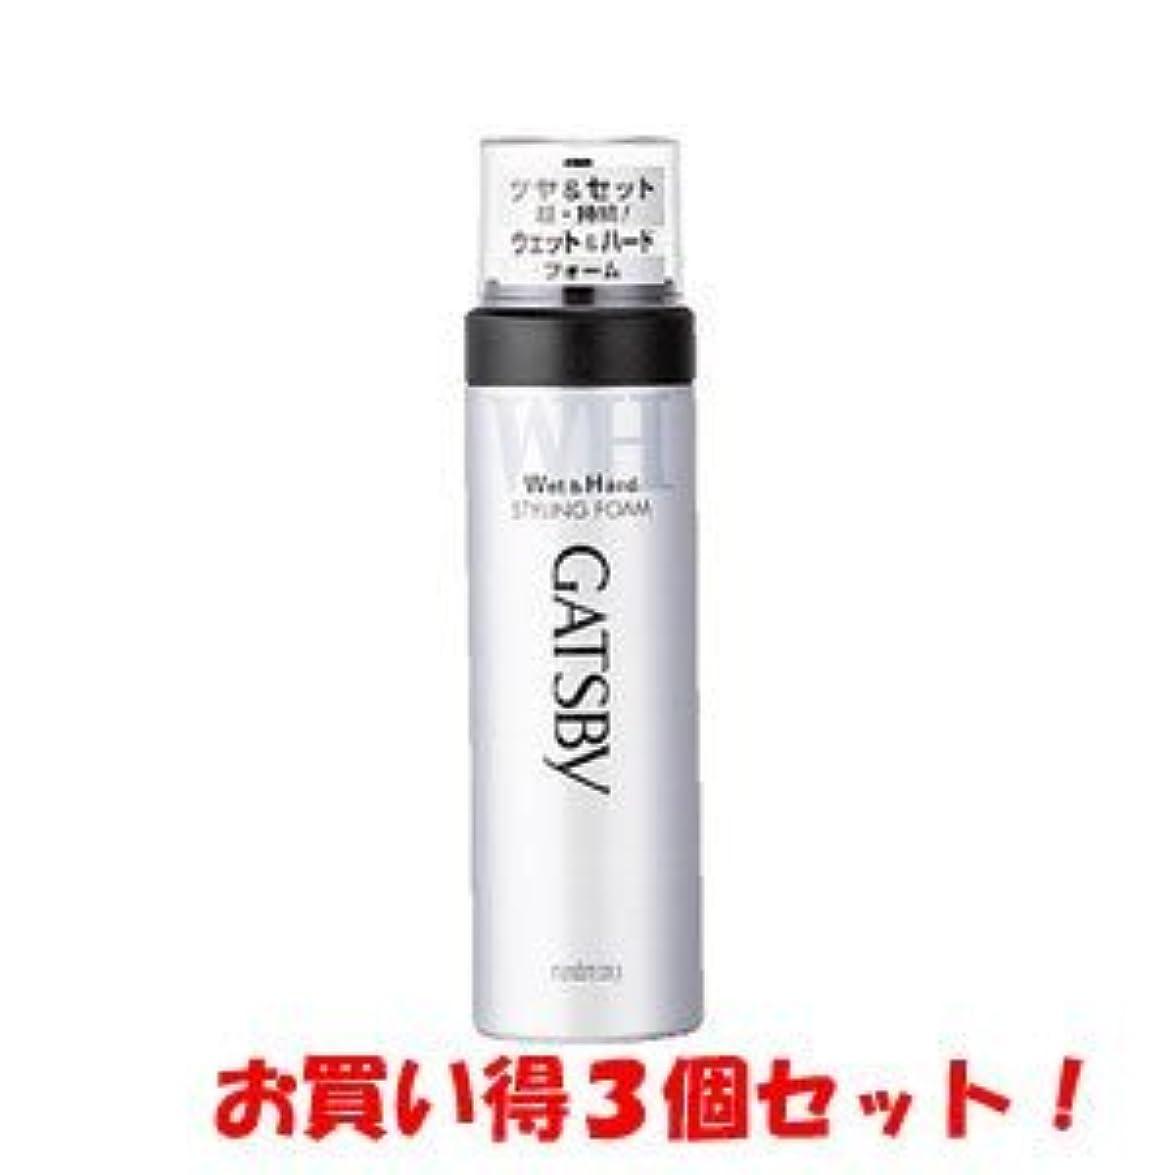 商人津波少しギャツビー【GATSBY】スタイリングフォーム ウェット&ハード 185g(お買い得3個セット)